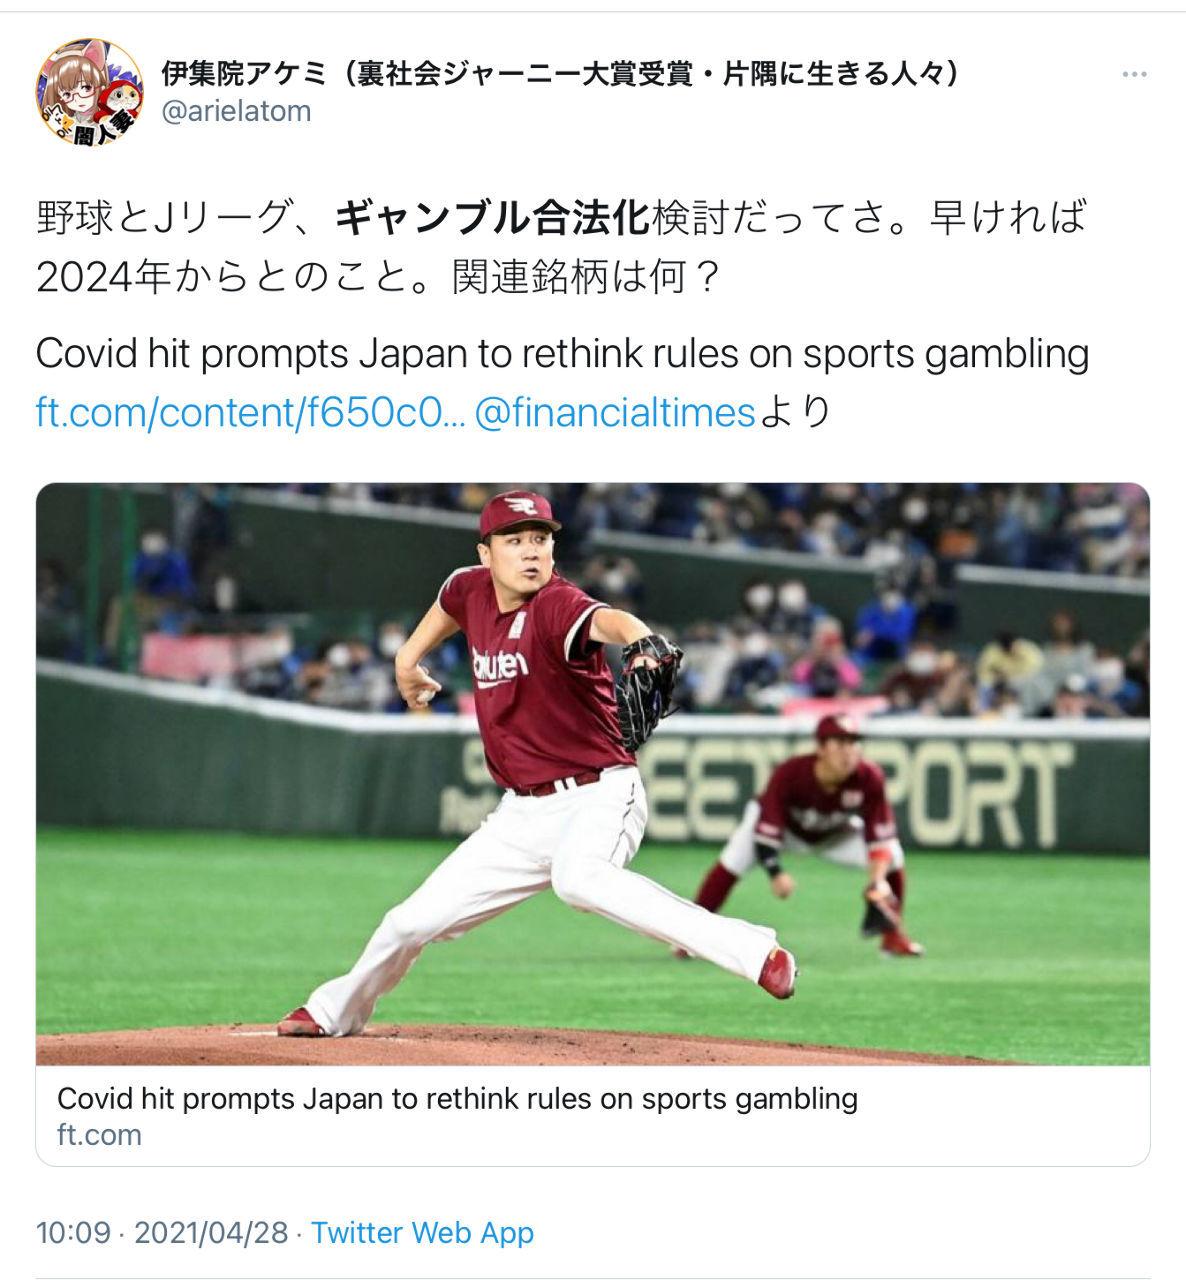 あめちゃん2 ギャンブル  野球とJリーグ、ギャンブル合法化検討だってさ。早ければ2024年からとのこと。関連銘柄